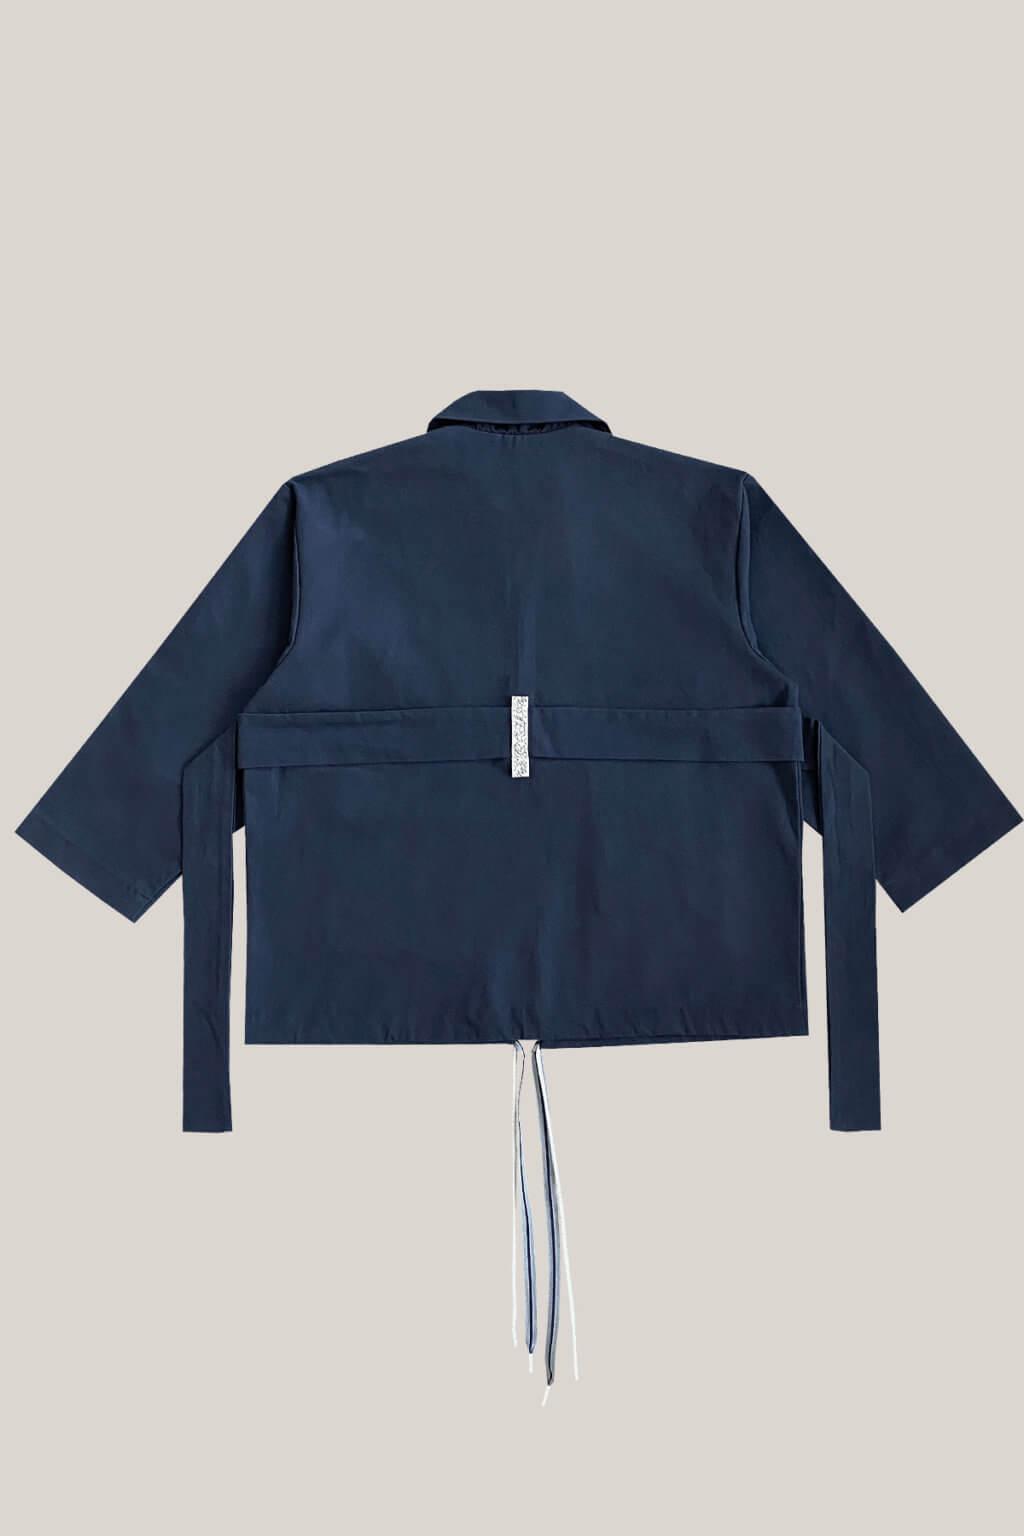 Jacket-N-5